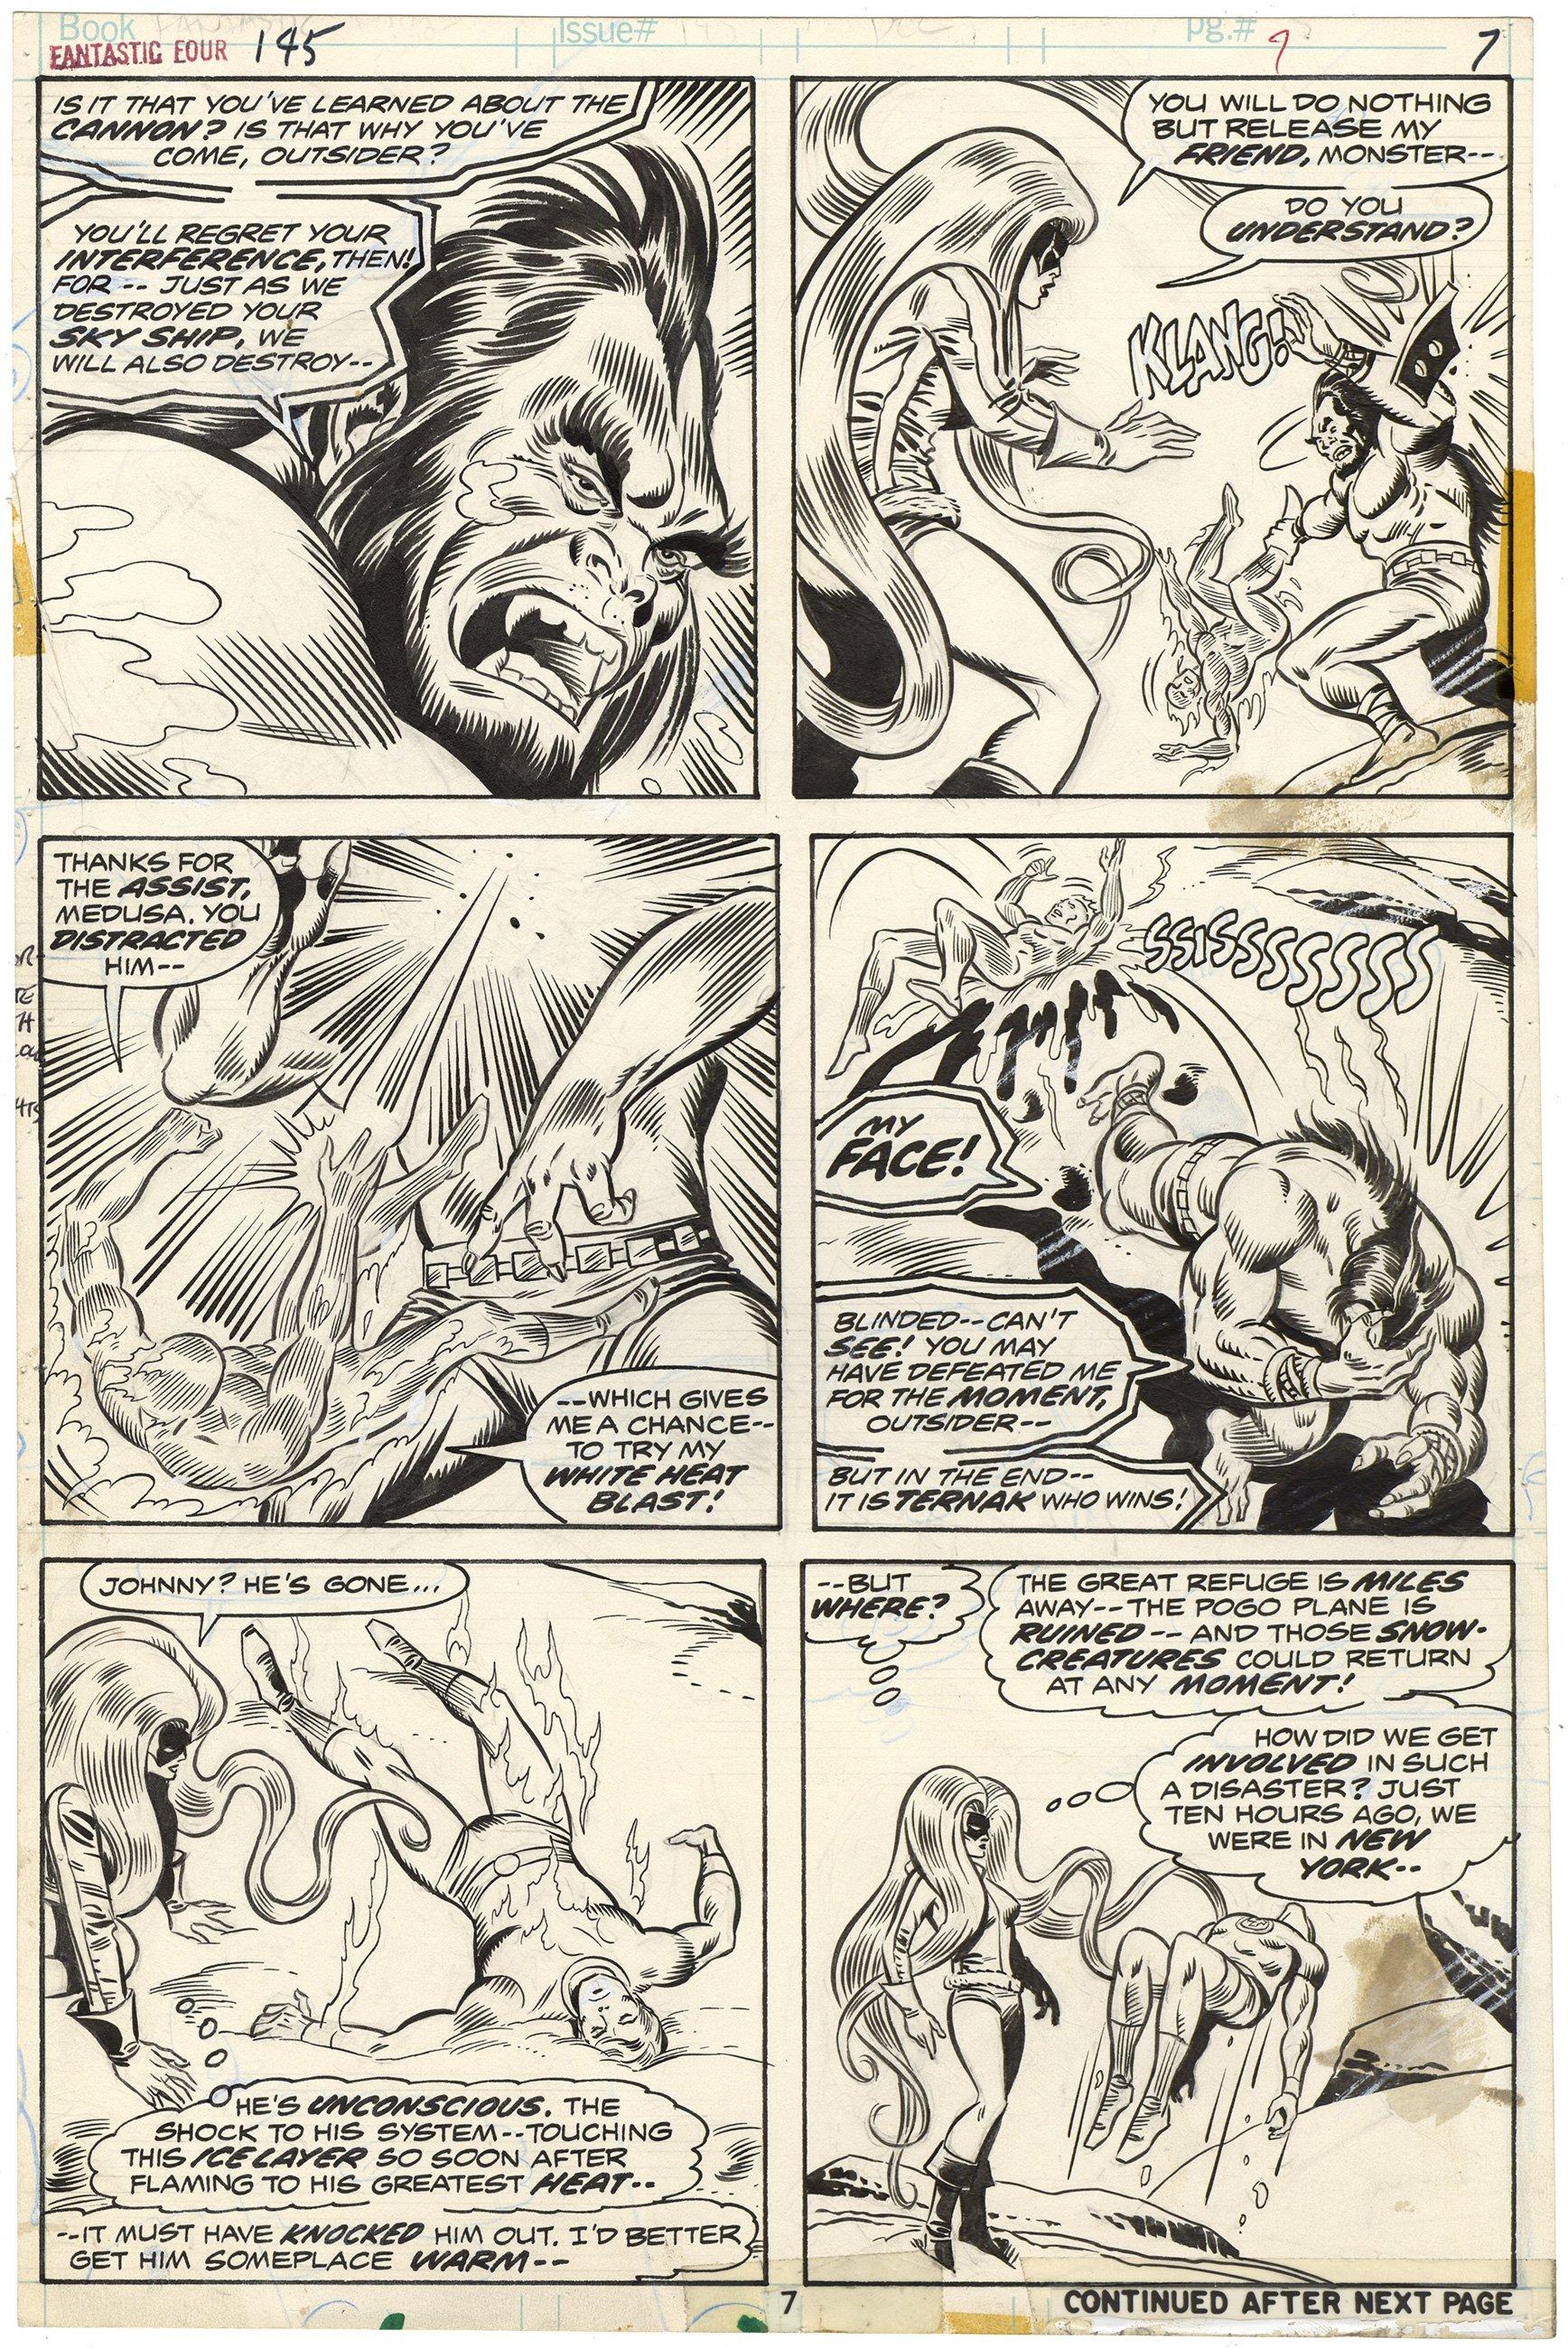 Fantastic Four #145 p7